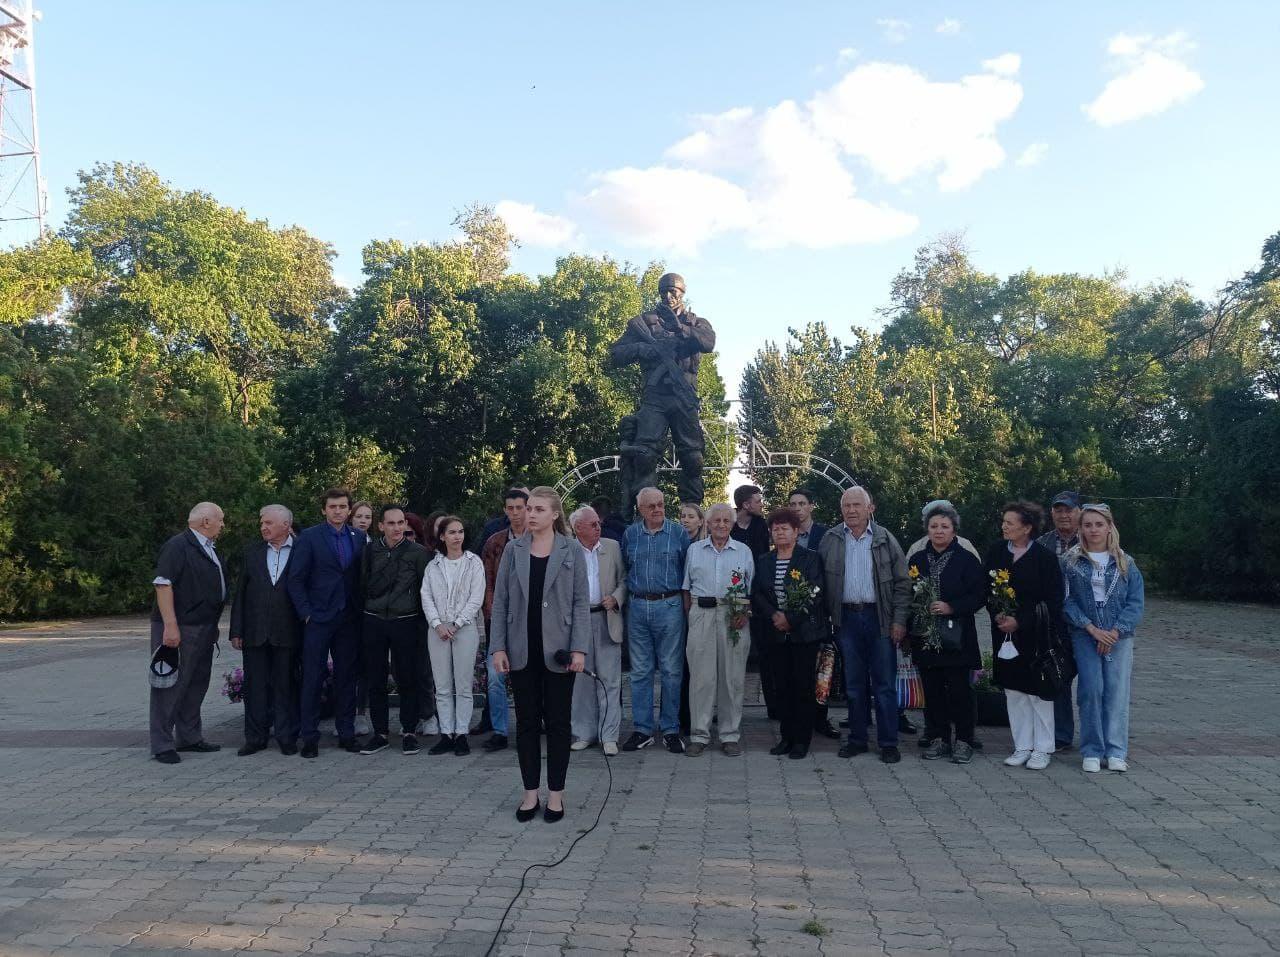 Мы найдём каждого погибшего в этой войне – участники «Народного форума» обсудили агрессию ВСУ в отношении Донбасса 3